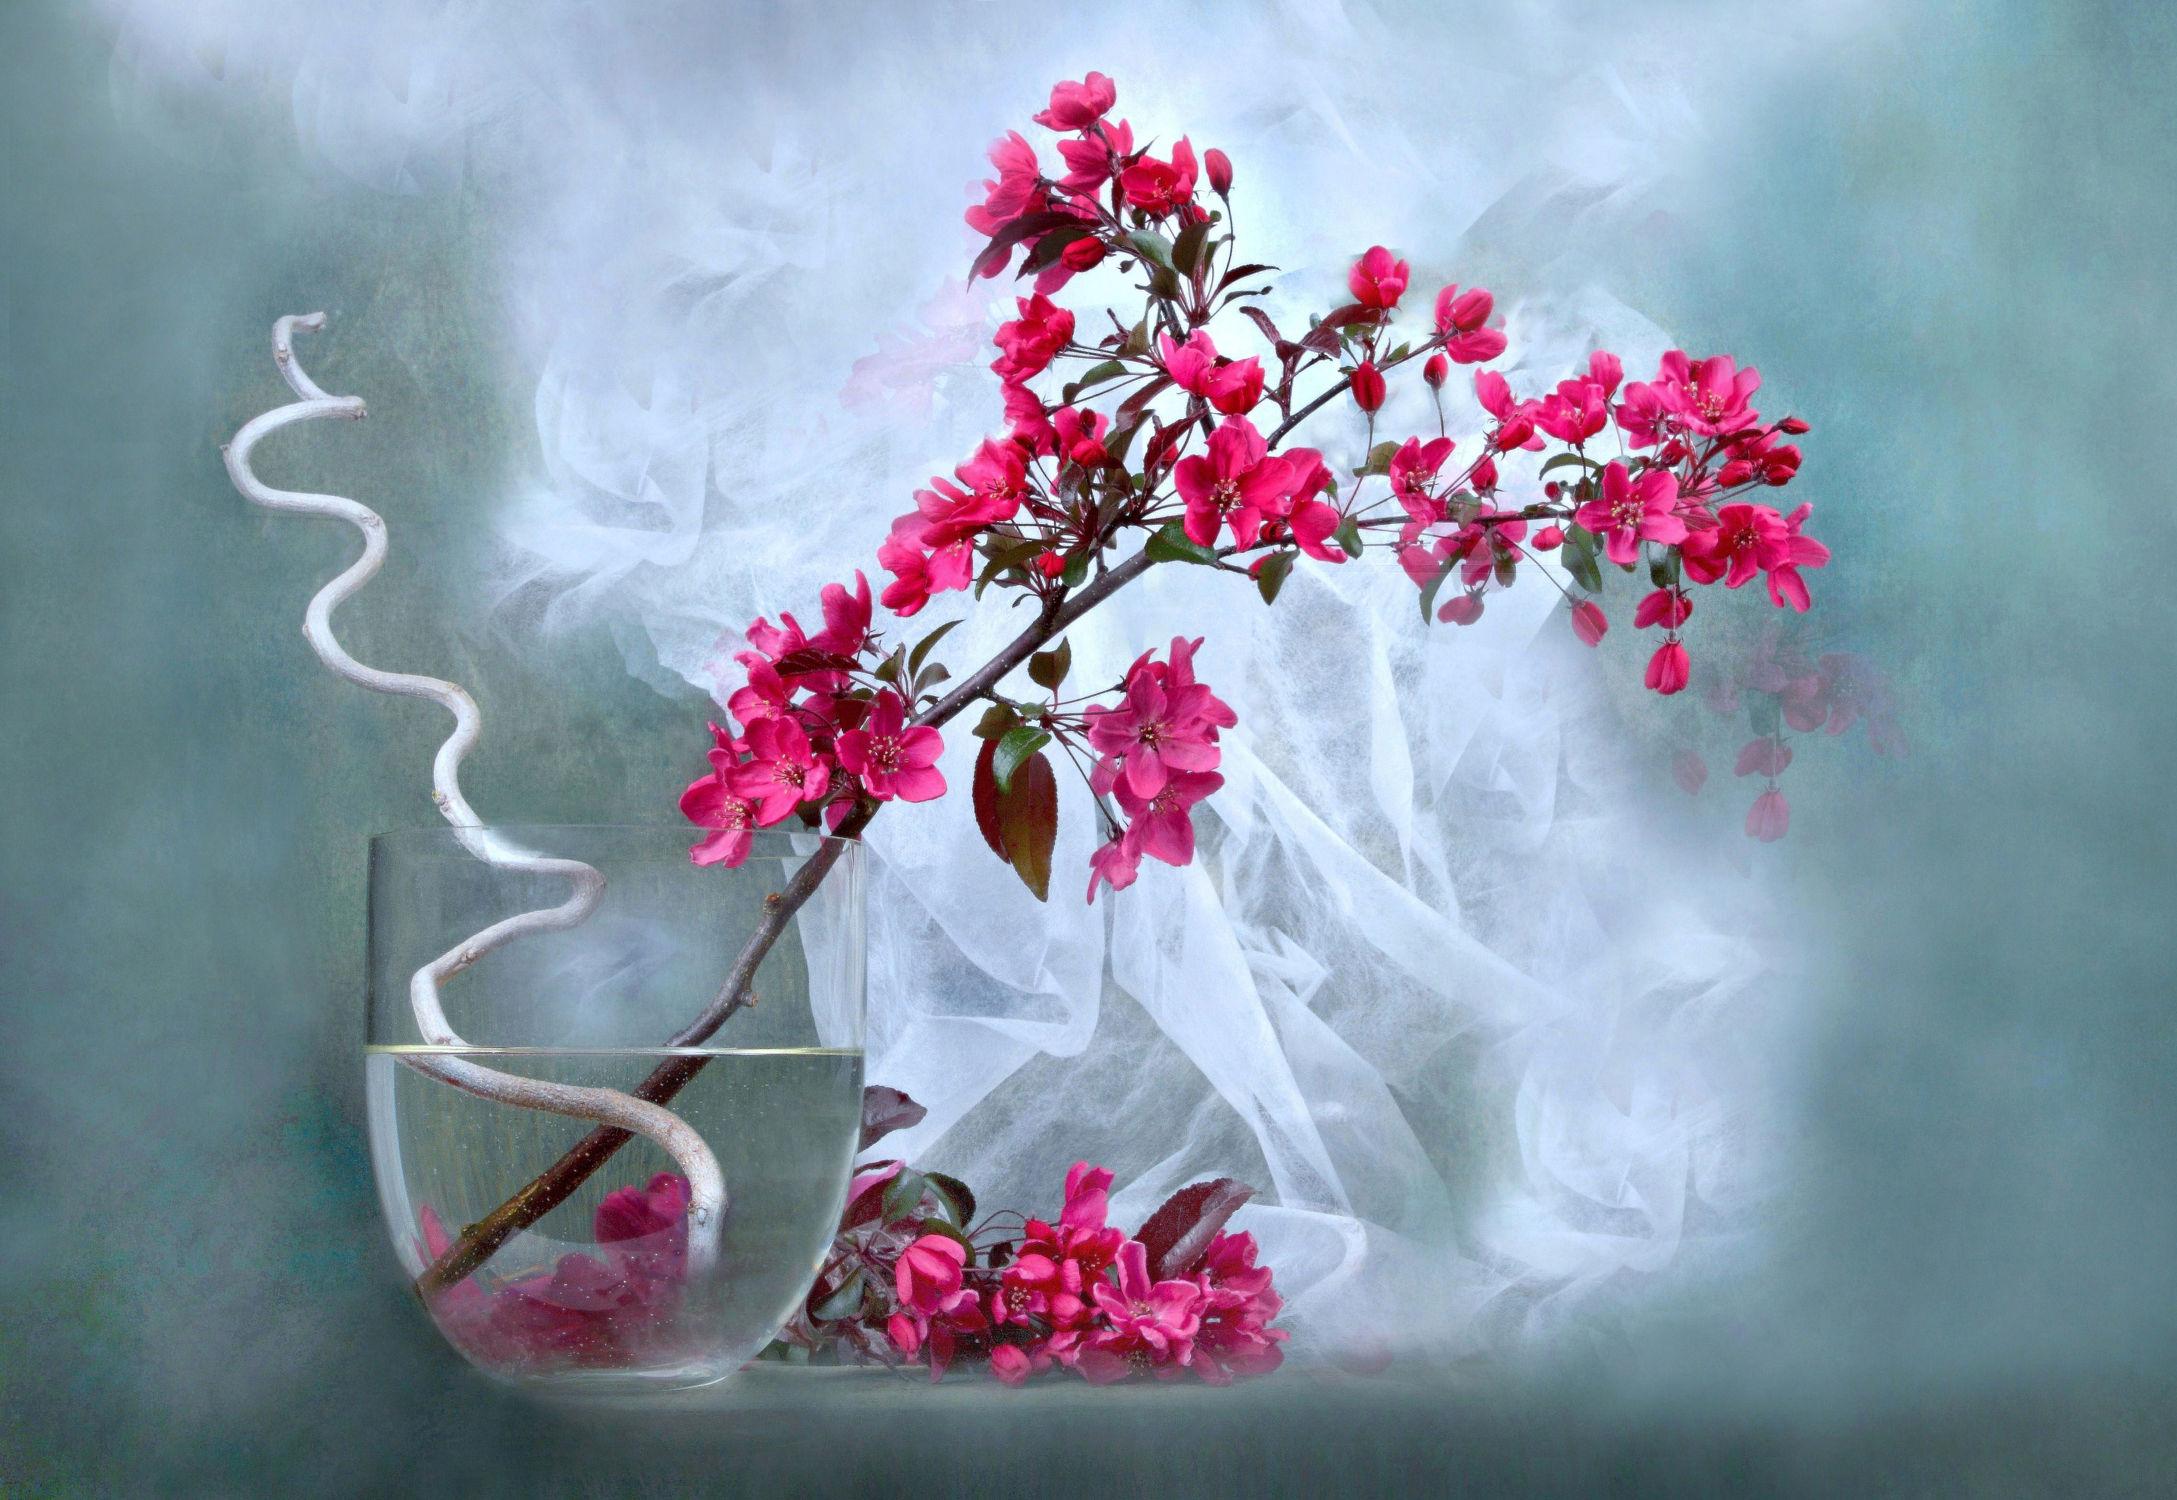 Bild mit Pflanzen, Blumen, Blume, Pflanze, romantik, Strauch, Floral, Stilleben, Blüten, Florales, blüte, romantisch, Liebe, Zweige, Hochzeit, Blumenvase, Heirat, Zweig, zen, paare, verliebte, vase, heiraten, blütenstrauch